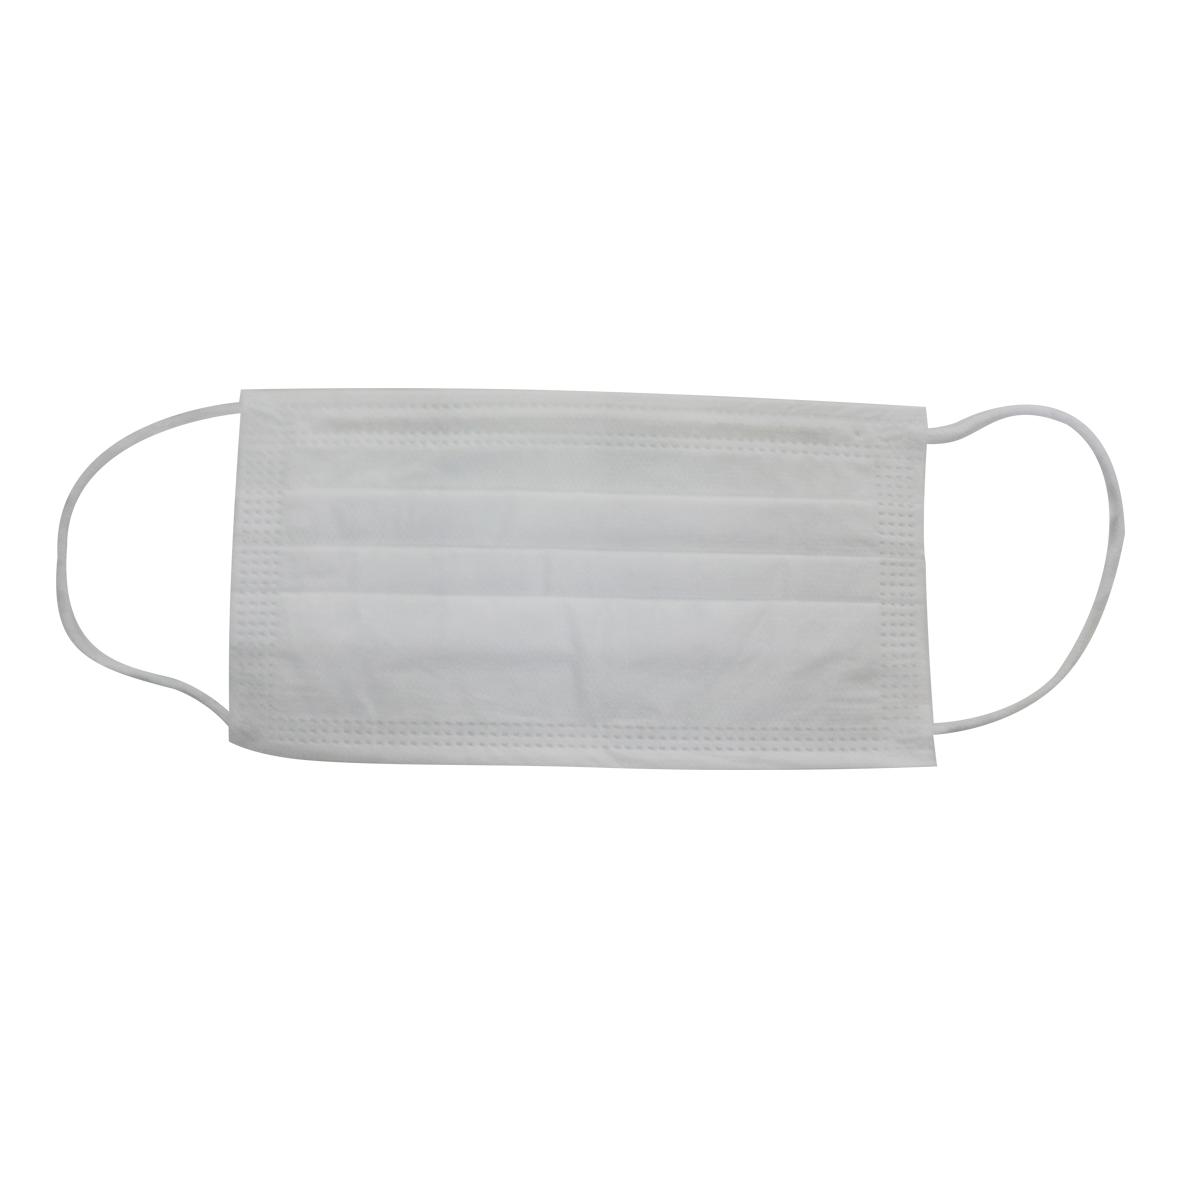 Máscara Cirúrgica Pró Saúde Caixa 50 Unidades Tripla Camada De Proteção